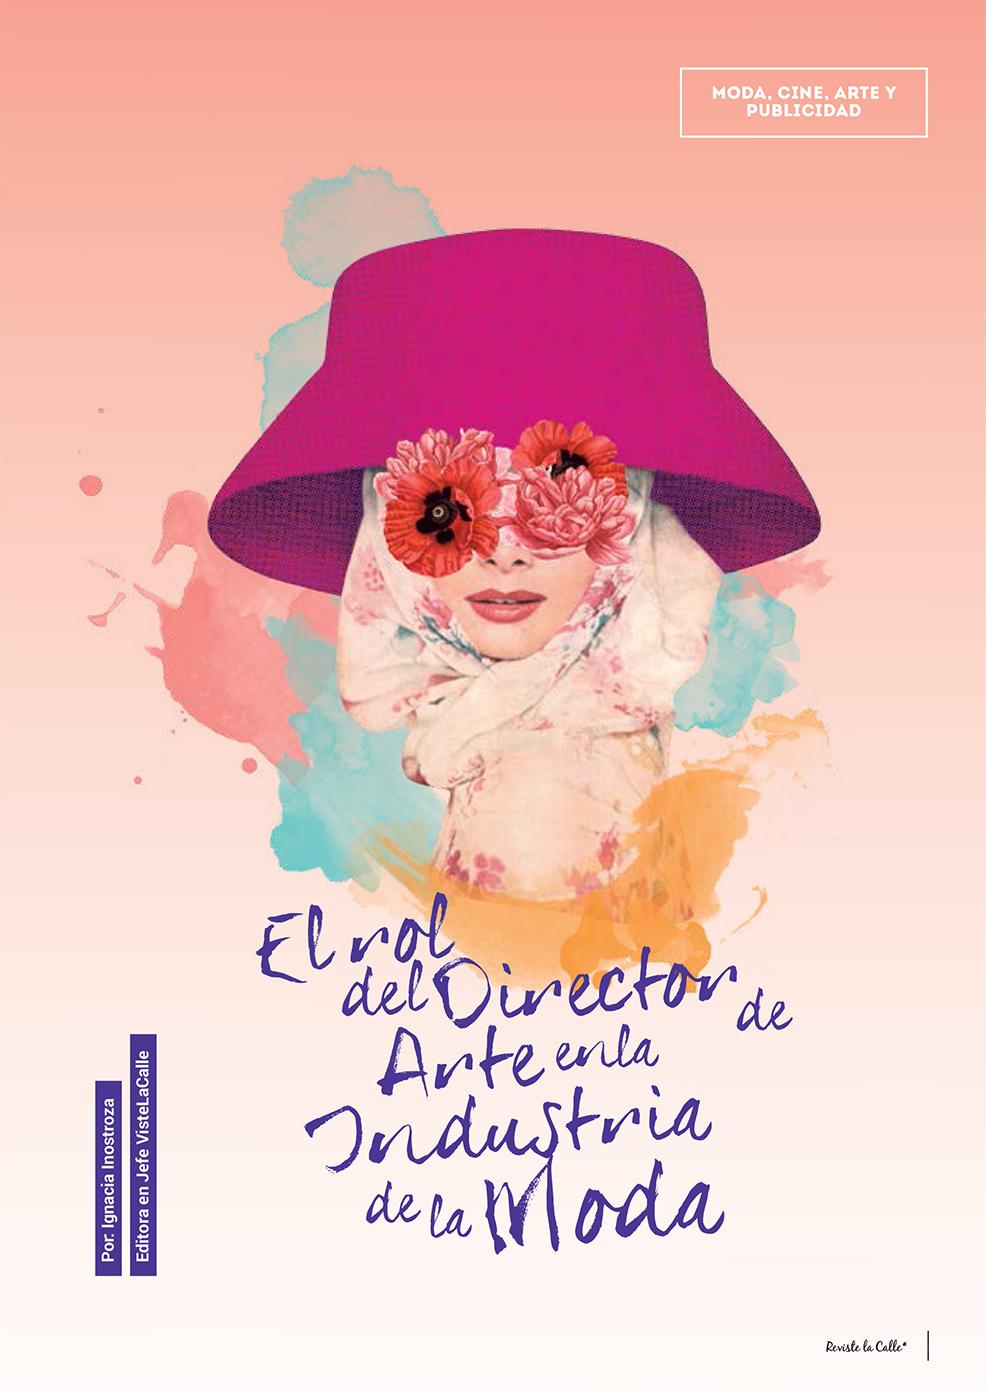 RevisteLaCalle 9: El rol del Director de Arte en la industria de la Moda